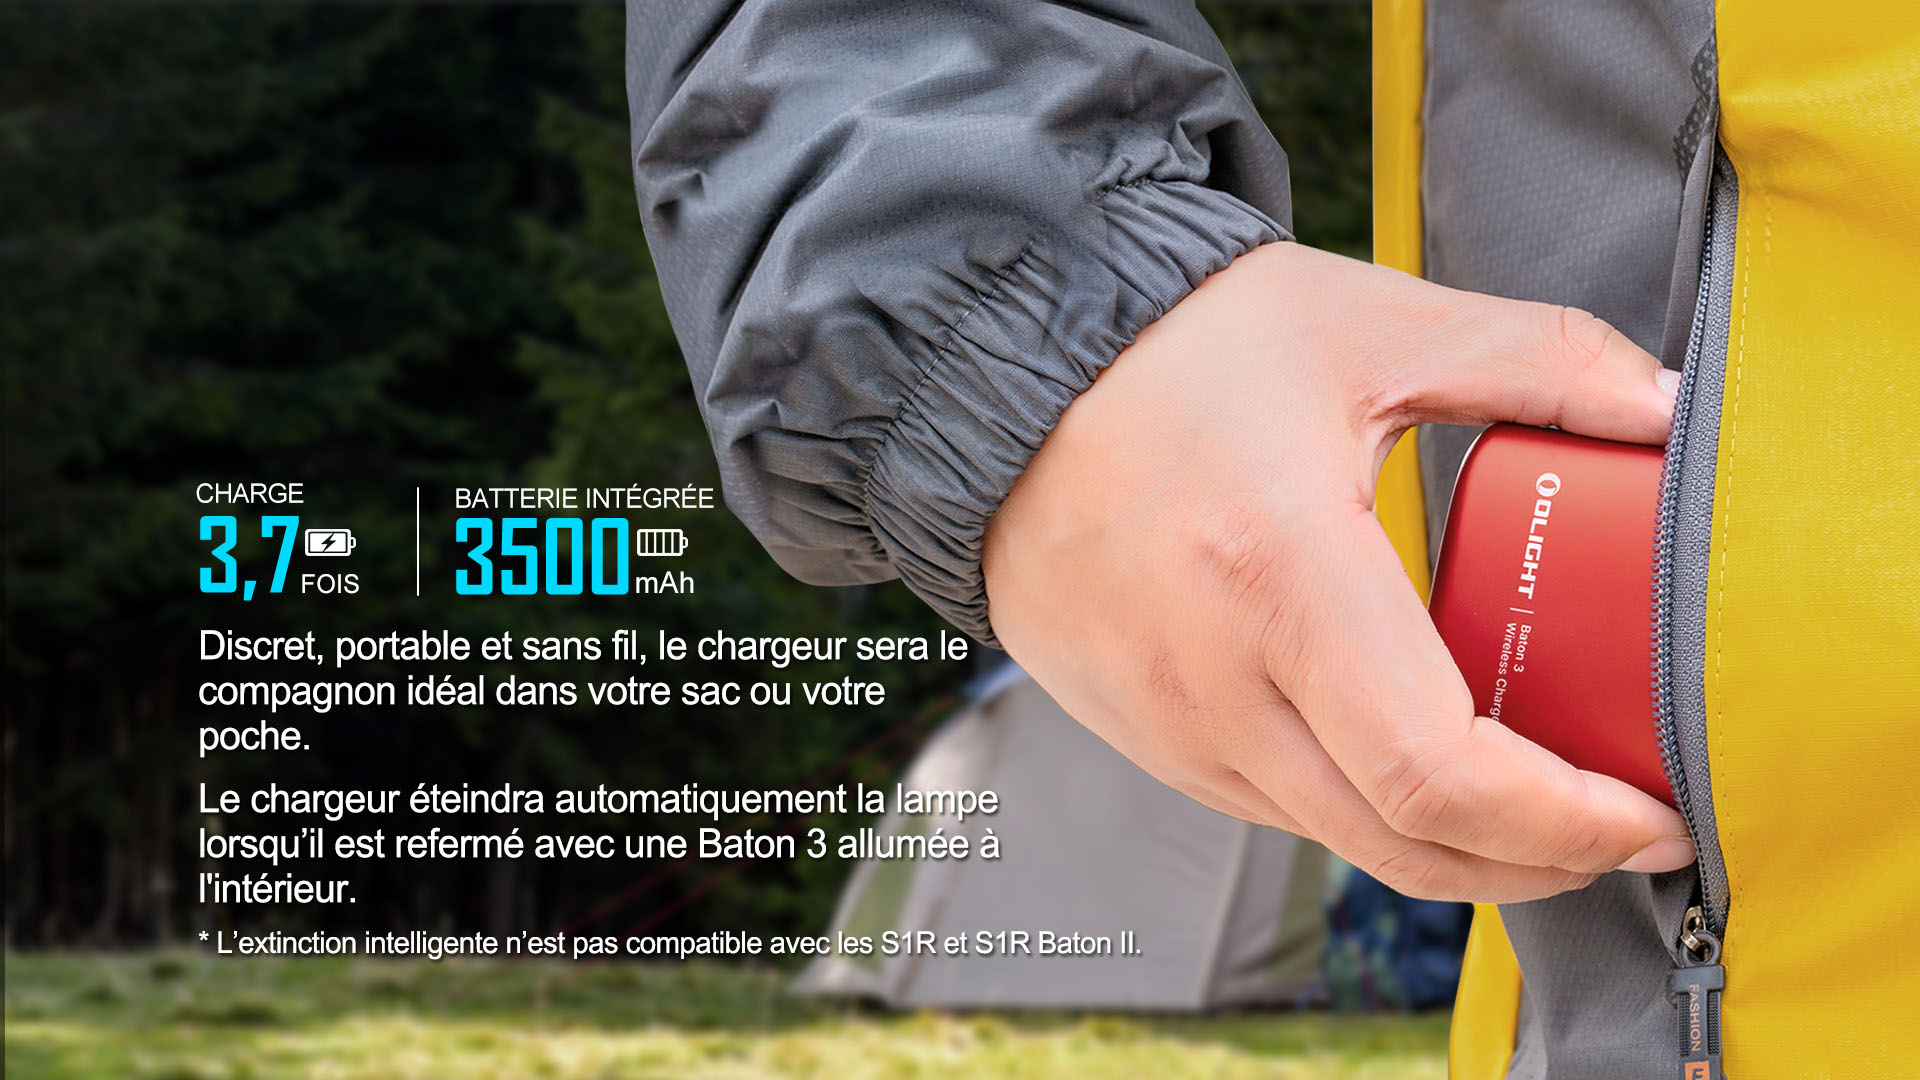 Baton 3 Charge intelligente et 3,7 fois plus d'autonomie